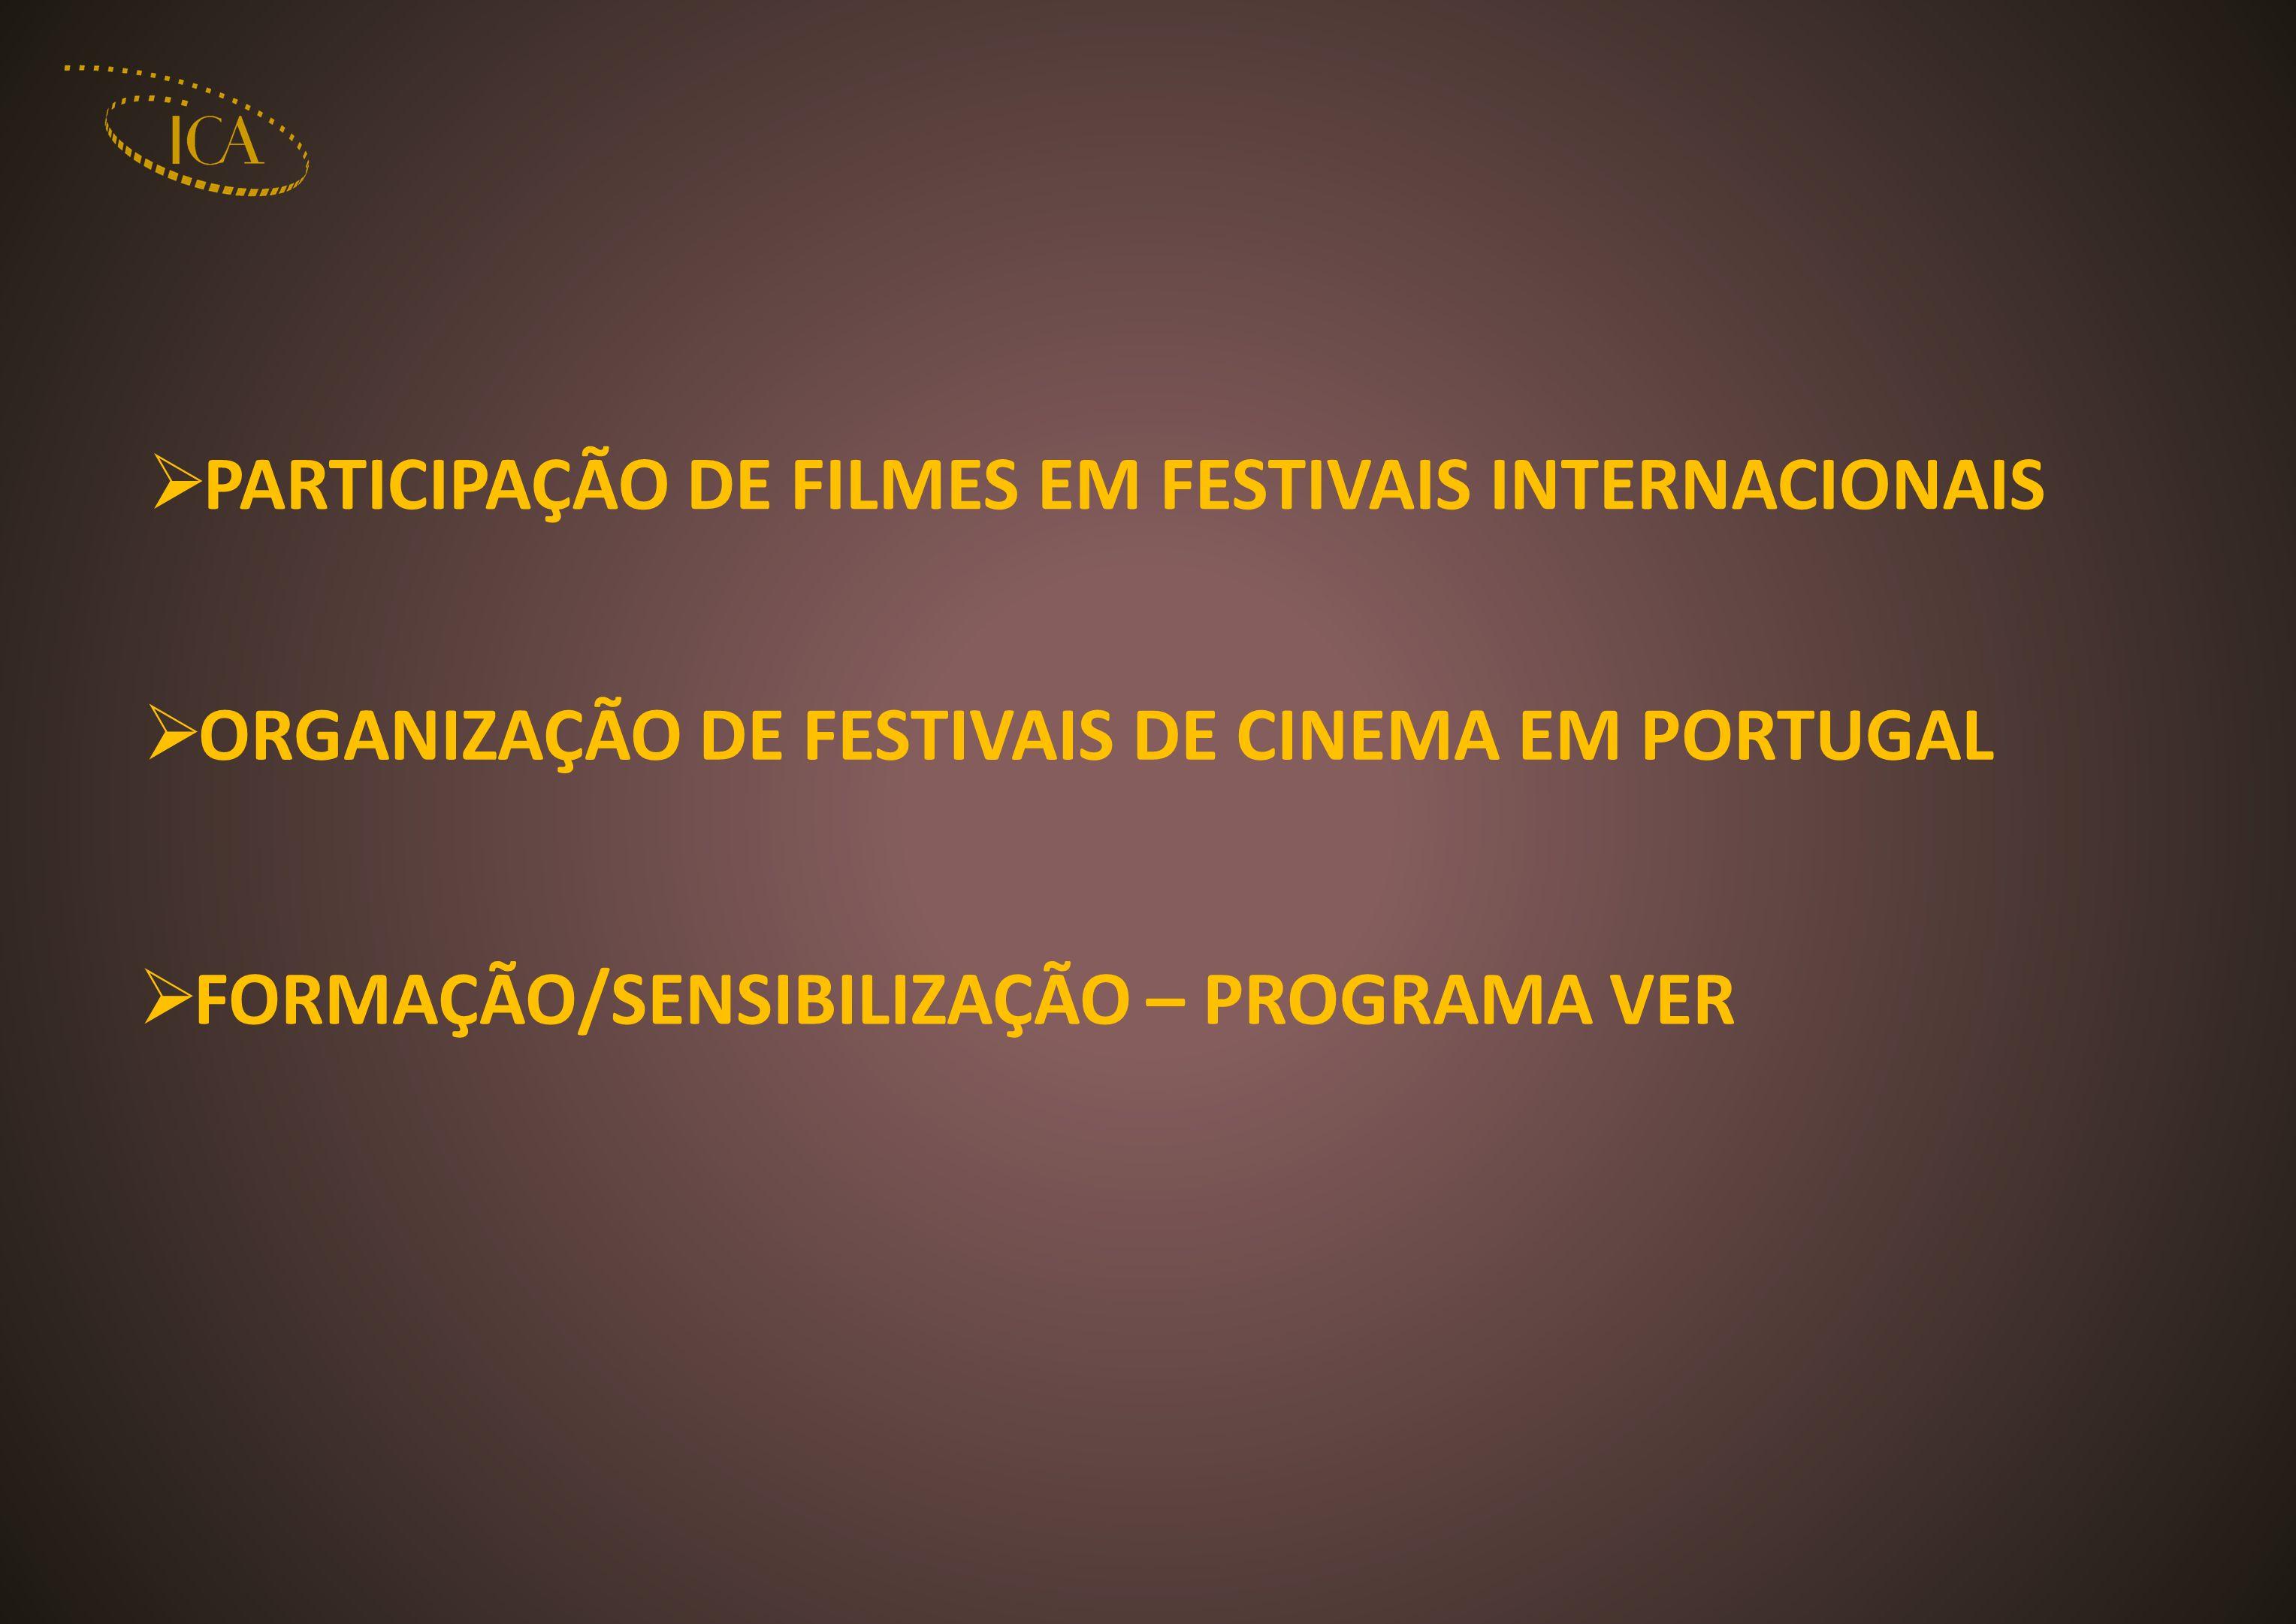 PARTICIPAÇÃO DE FILMES EM FESTIVAIS INTERNACIONAIS